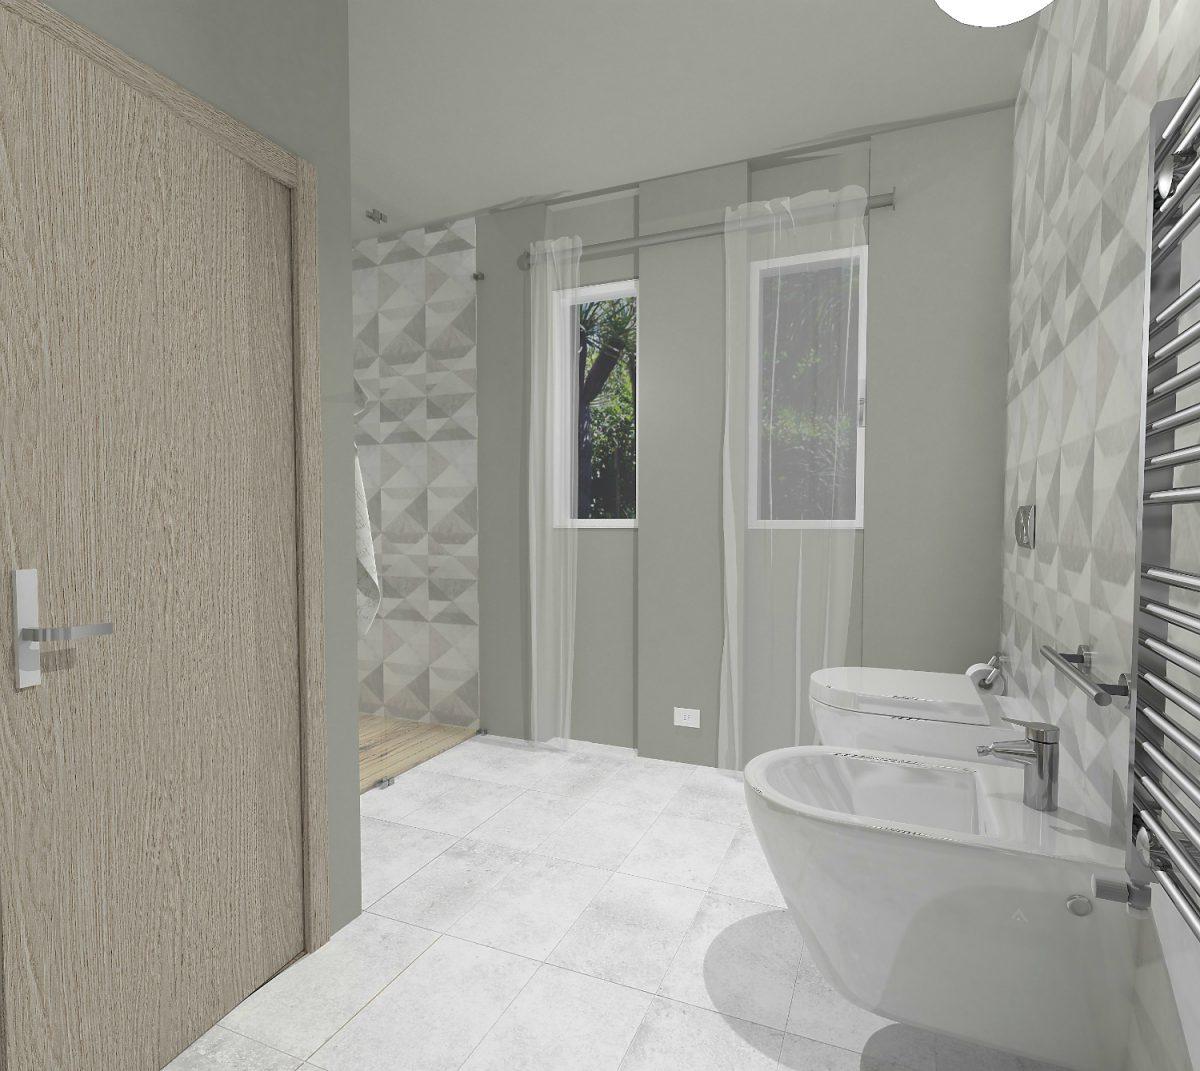 Bagno decorazione ideas for Moderni piani a due piani